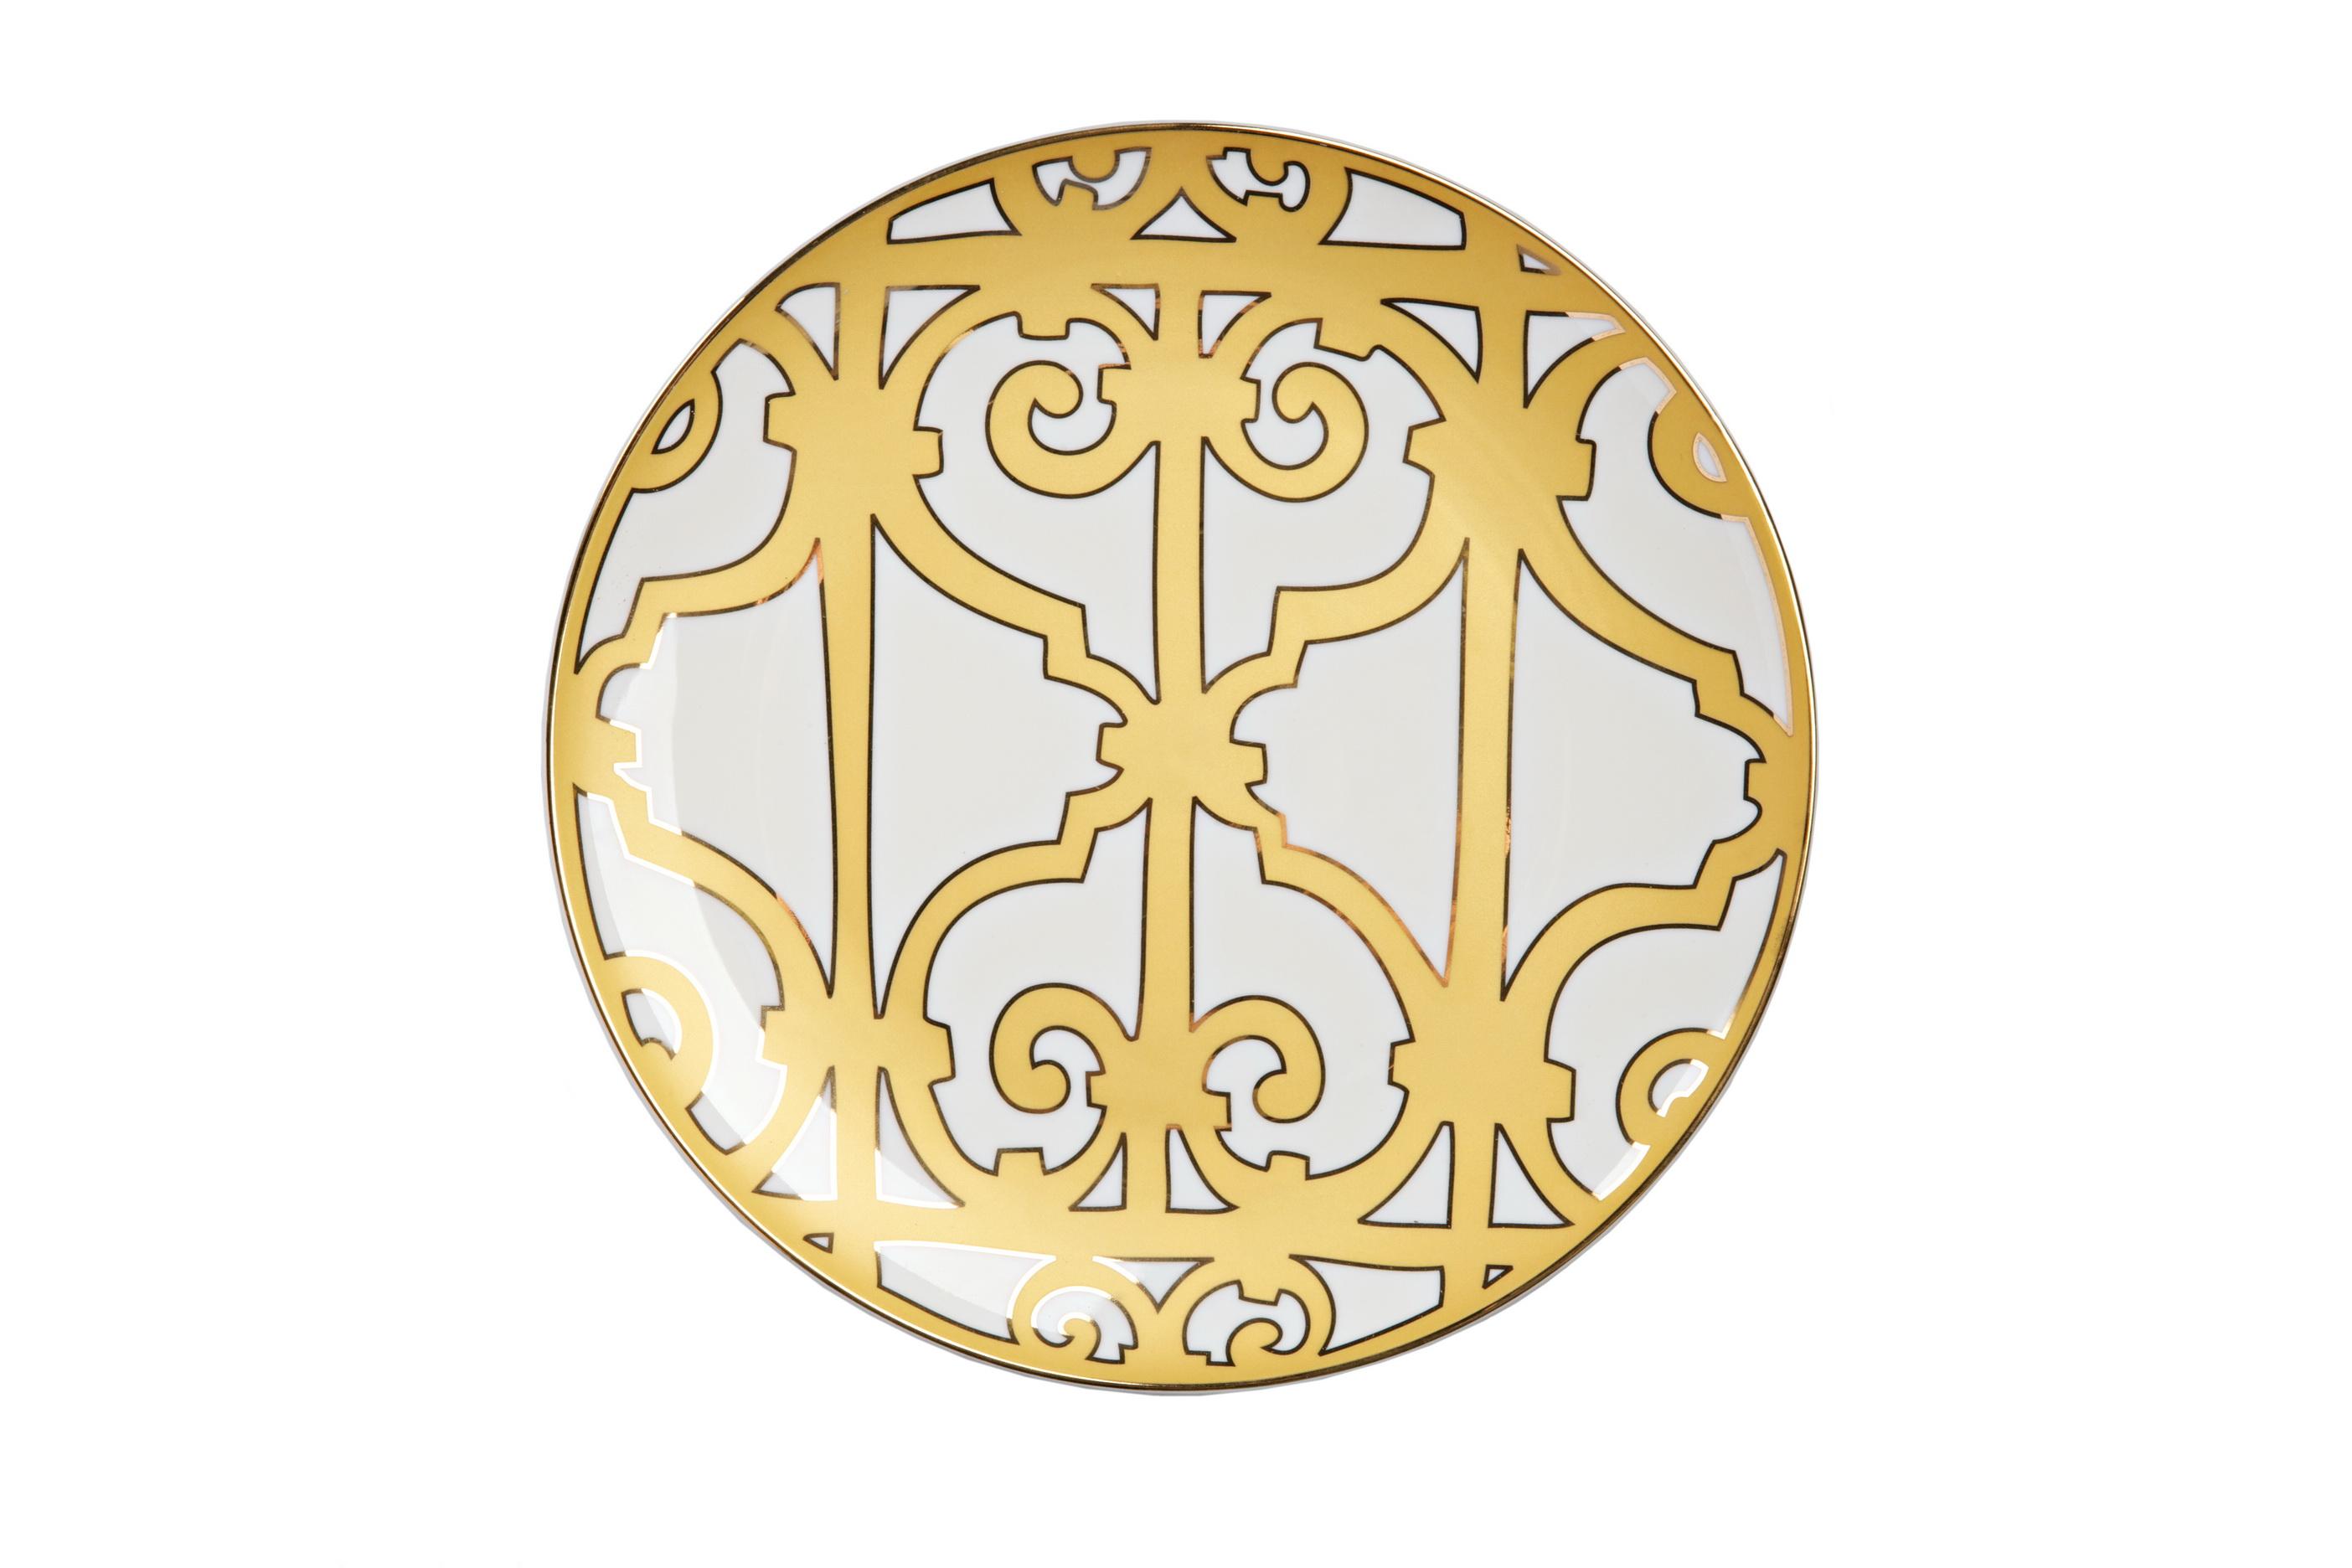 Тарелка Marbella БольшаяДекоративные тарелки<br>Великолепная тарелка из костяного фарфора высокого качества предназначена для закусок, салатов и вторых блюд. Тарелка декорирована оригинальным геометрическим орнаментом в стиле модерн (moderne) и украшена золотым кантом. Сочетание золотистого и белого цветов придают ей торжественный и благородный вид. Тарелка идеально подходит для праздничной сервировки. Вы можете приобрести ее отдельно или в комплекте с другими изделиями серии «Marbella».<br><br>Material: Фарфор<br>Height см: 1.5<br>Diameter см: 26